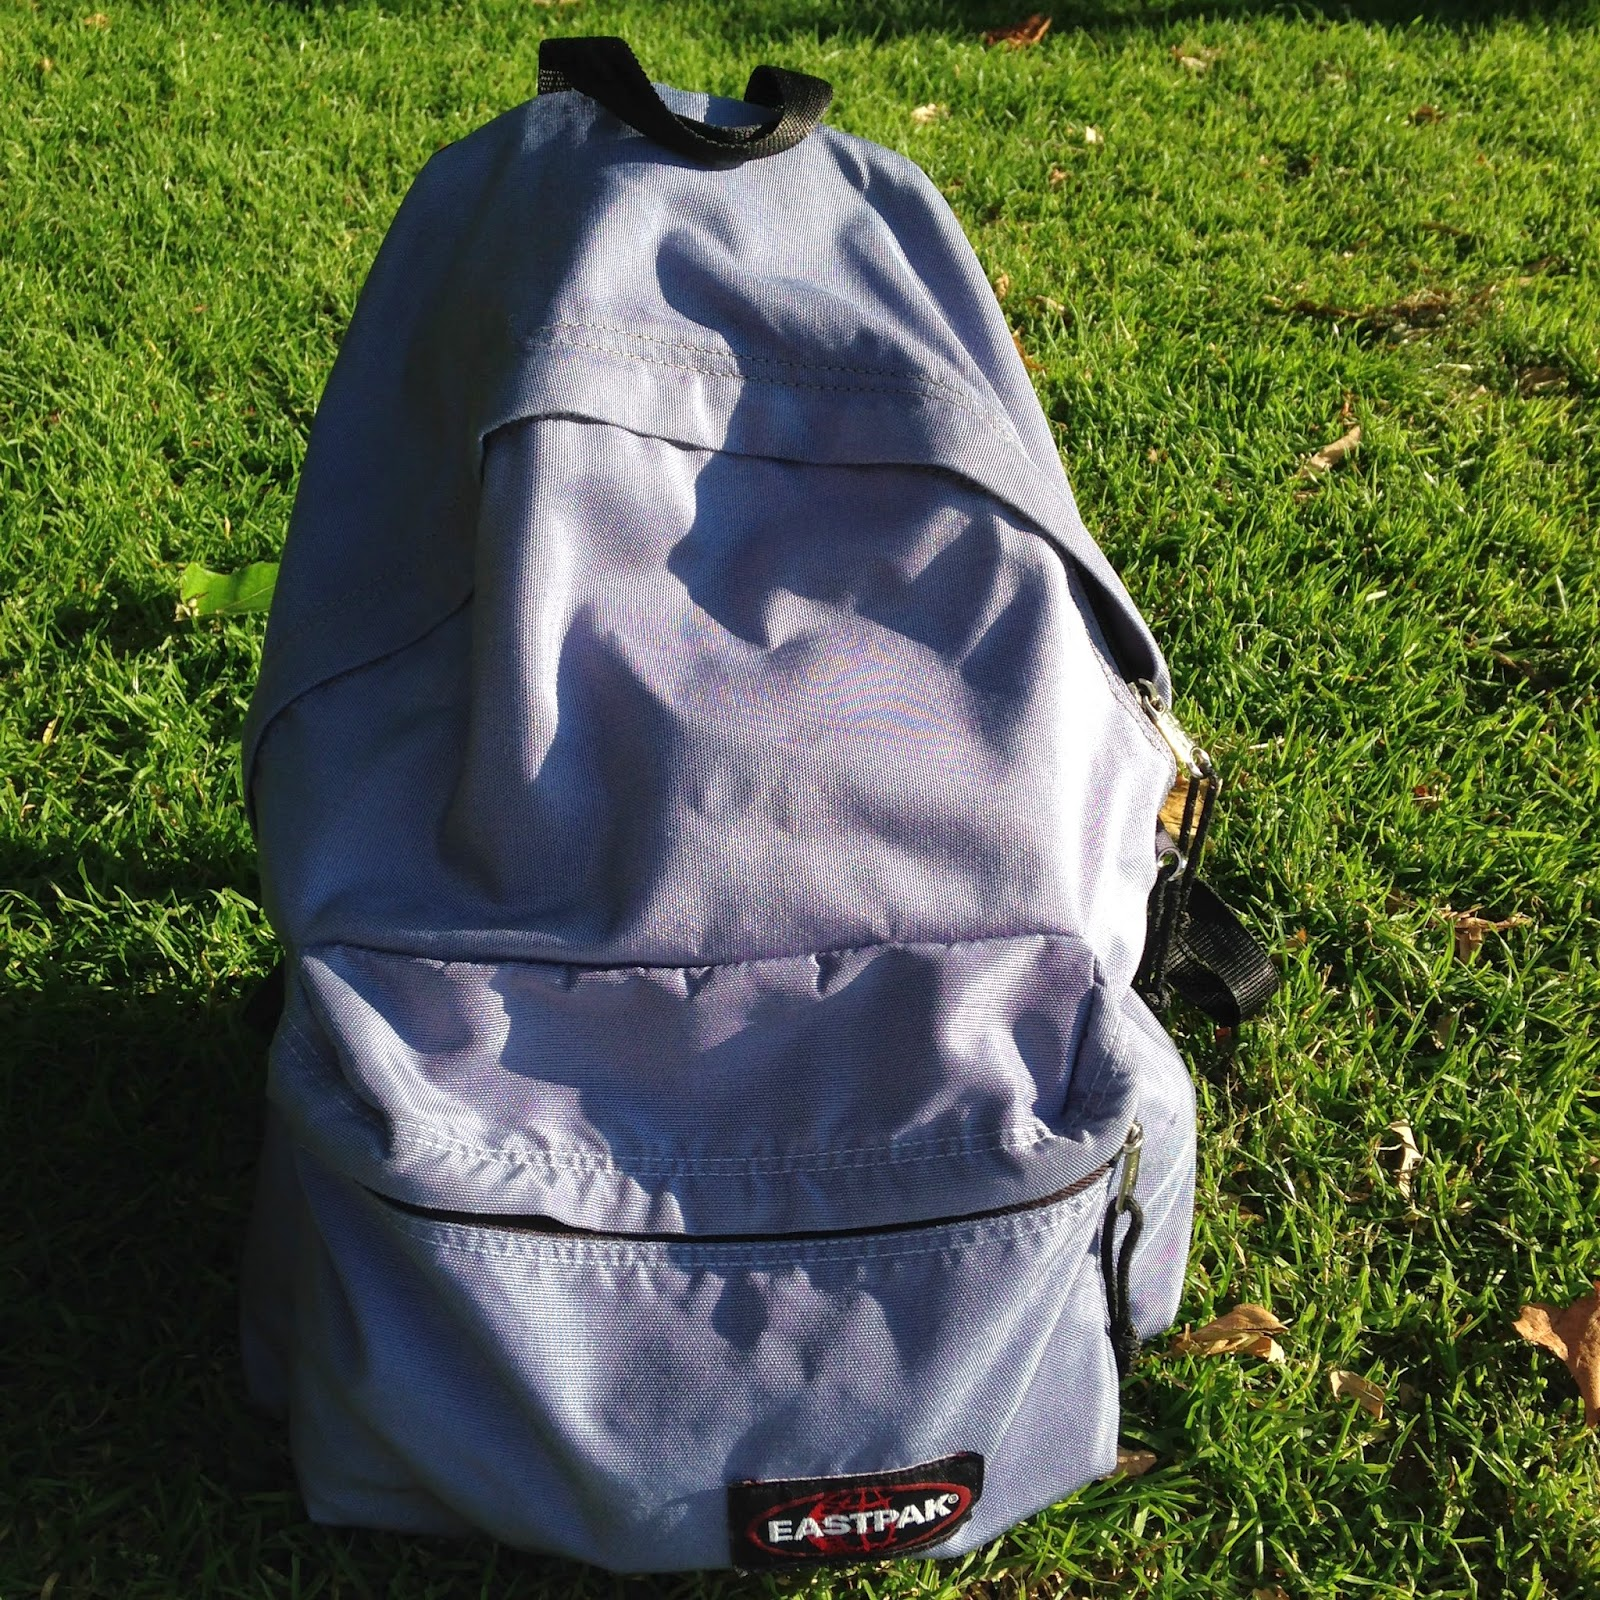 order speciale verkoop geweldige kwaliteit SEMI FASHION: Eastpak Backpack: 14 Years Together